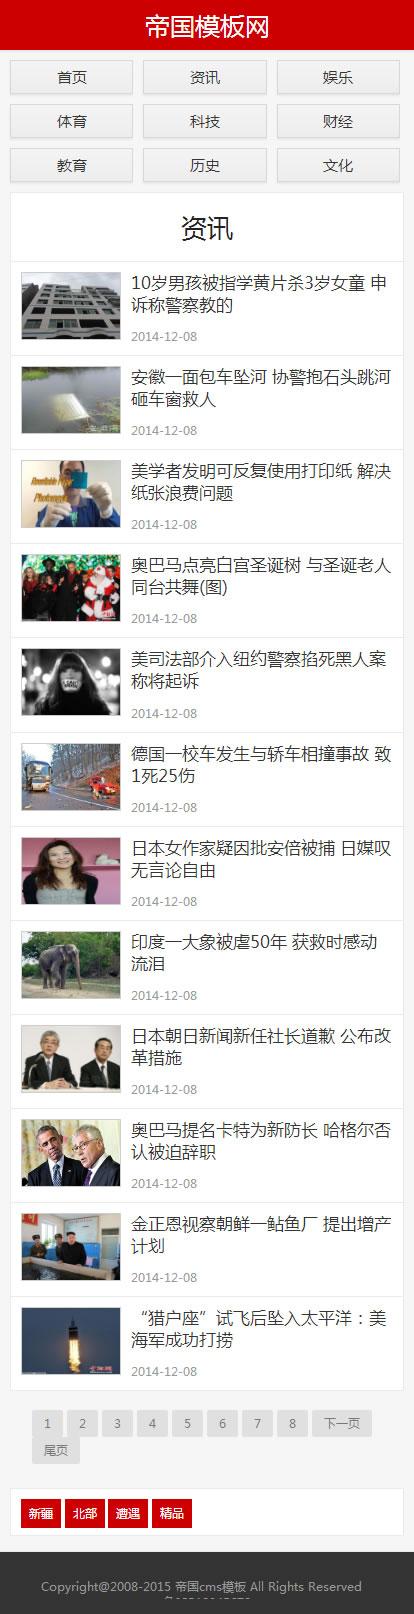 红色新闻资讯博客类之帝国cms自适应手机版模板_手机版列表页